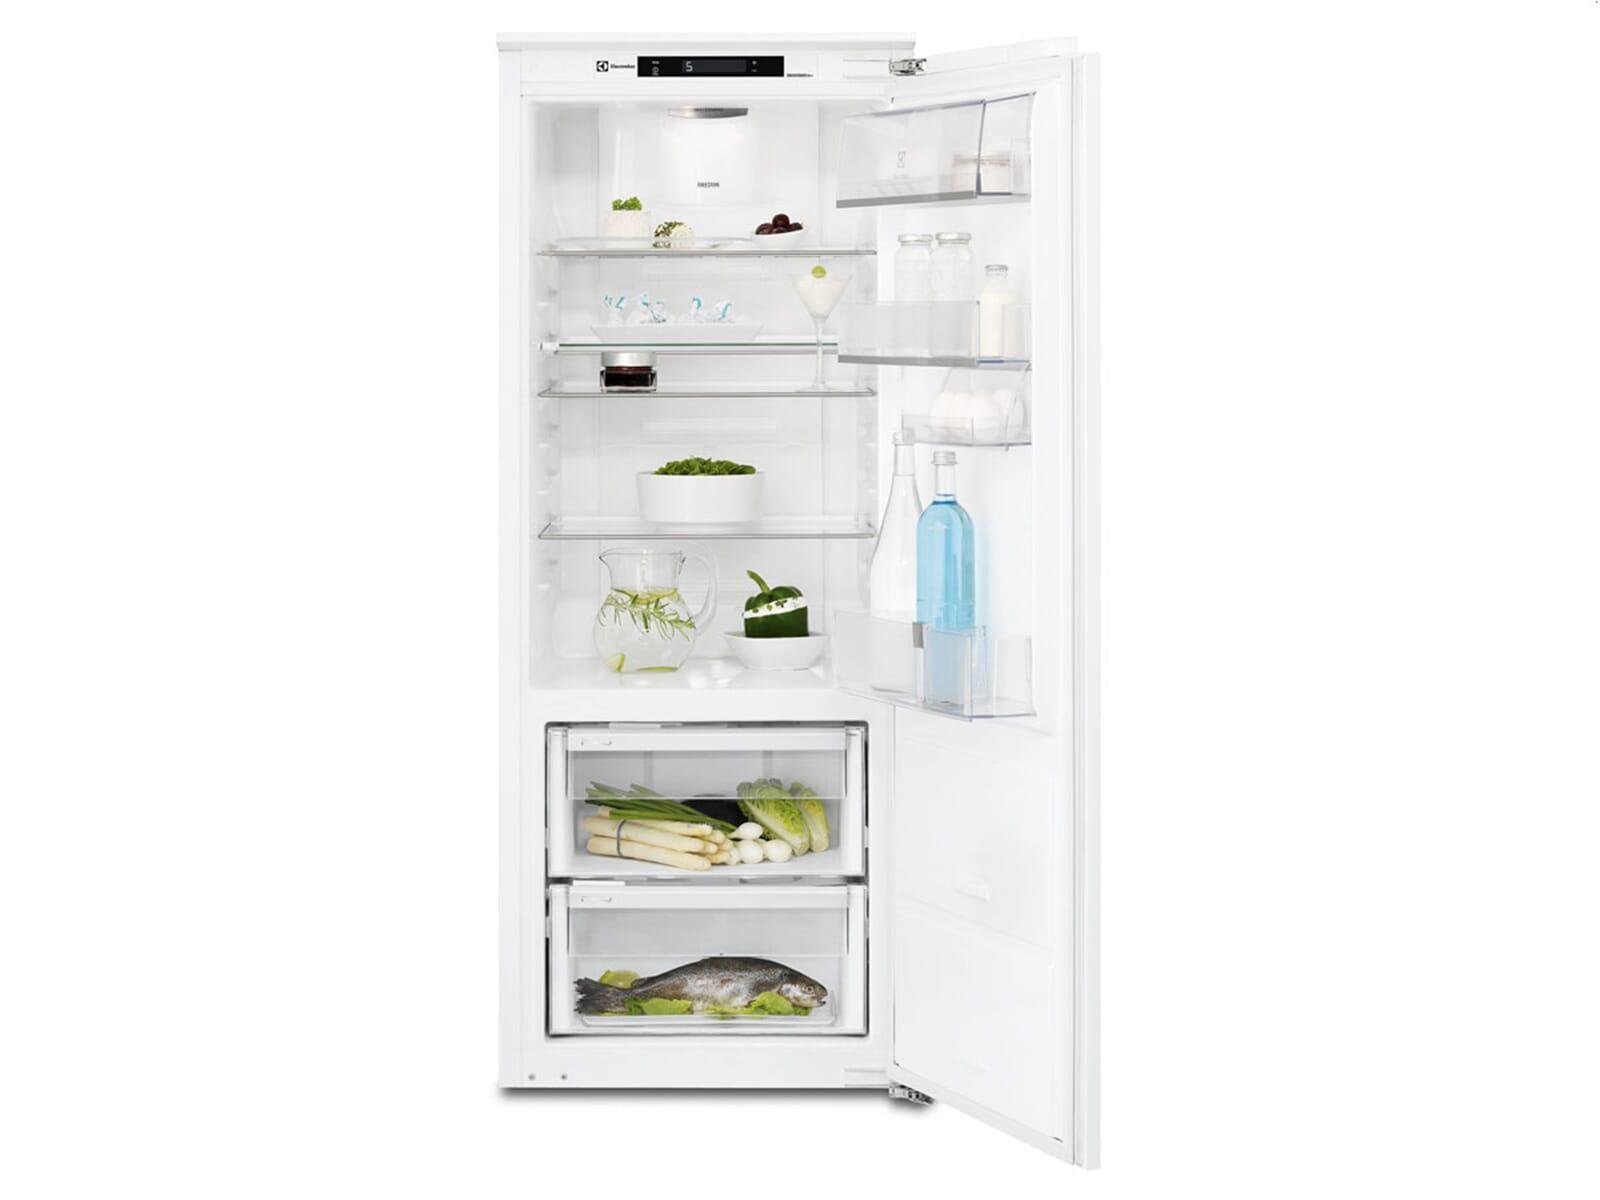 Aeg Kühlschrank Unterbau Integrierbar : Kühlschrank liebherr kühlschrank ikbp integrierbar